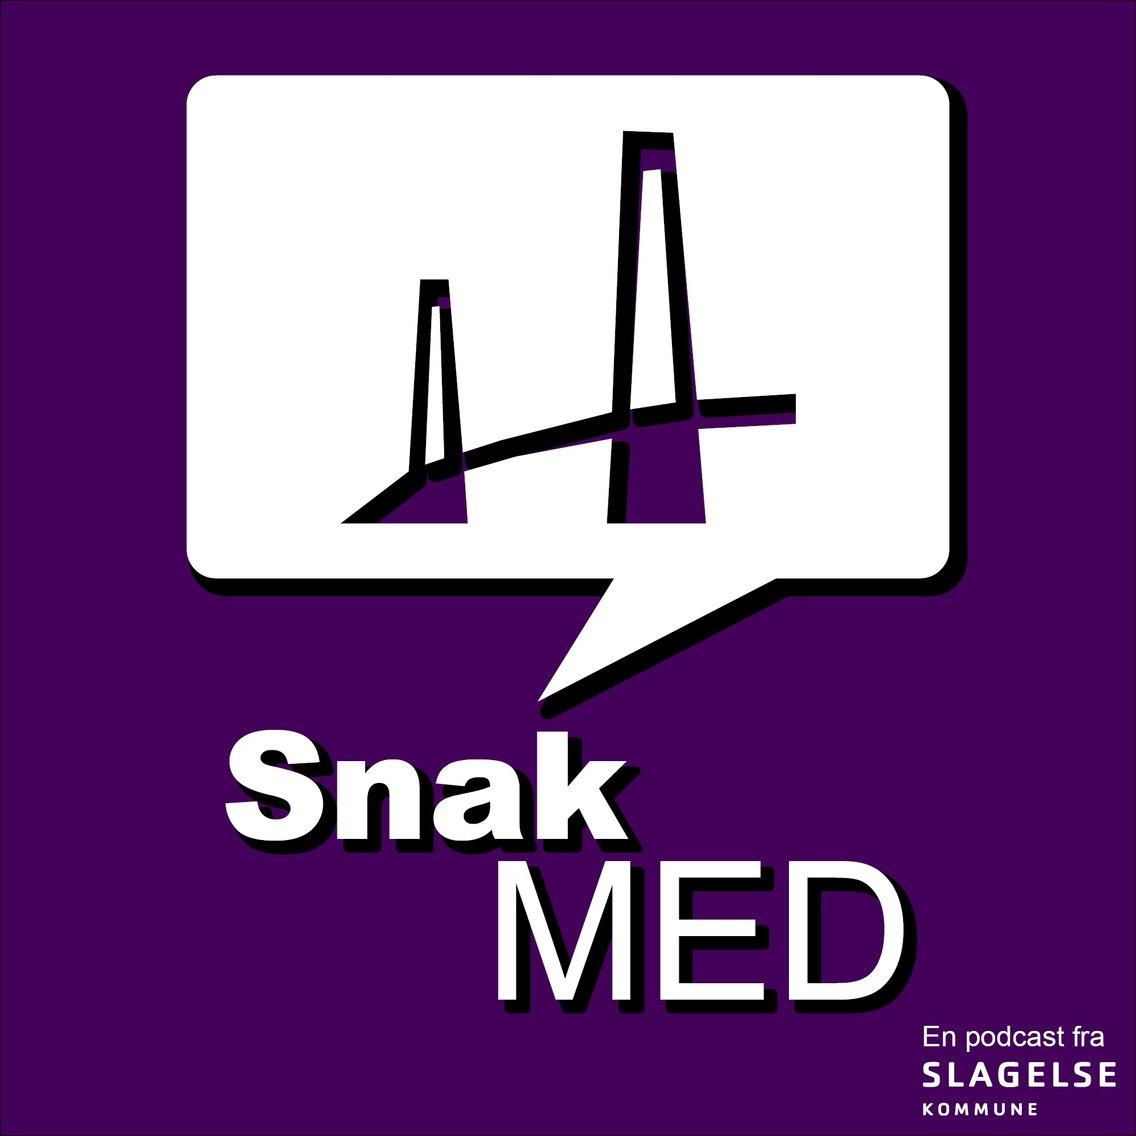 SnakMED - immagine di copertina